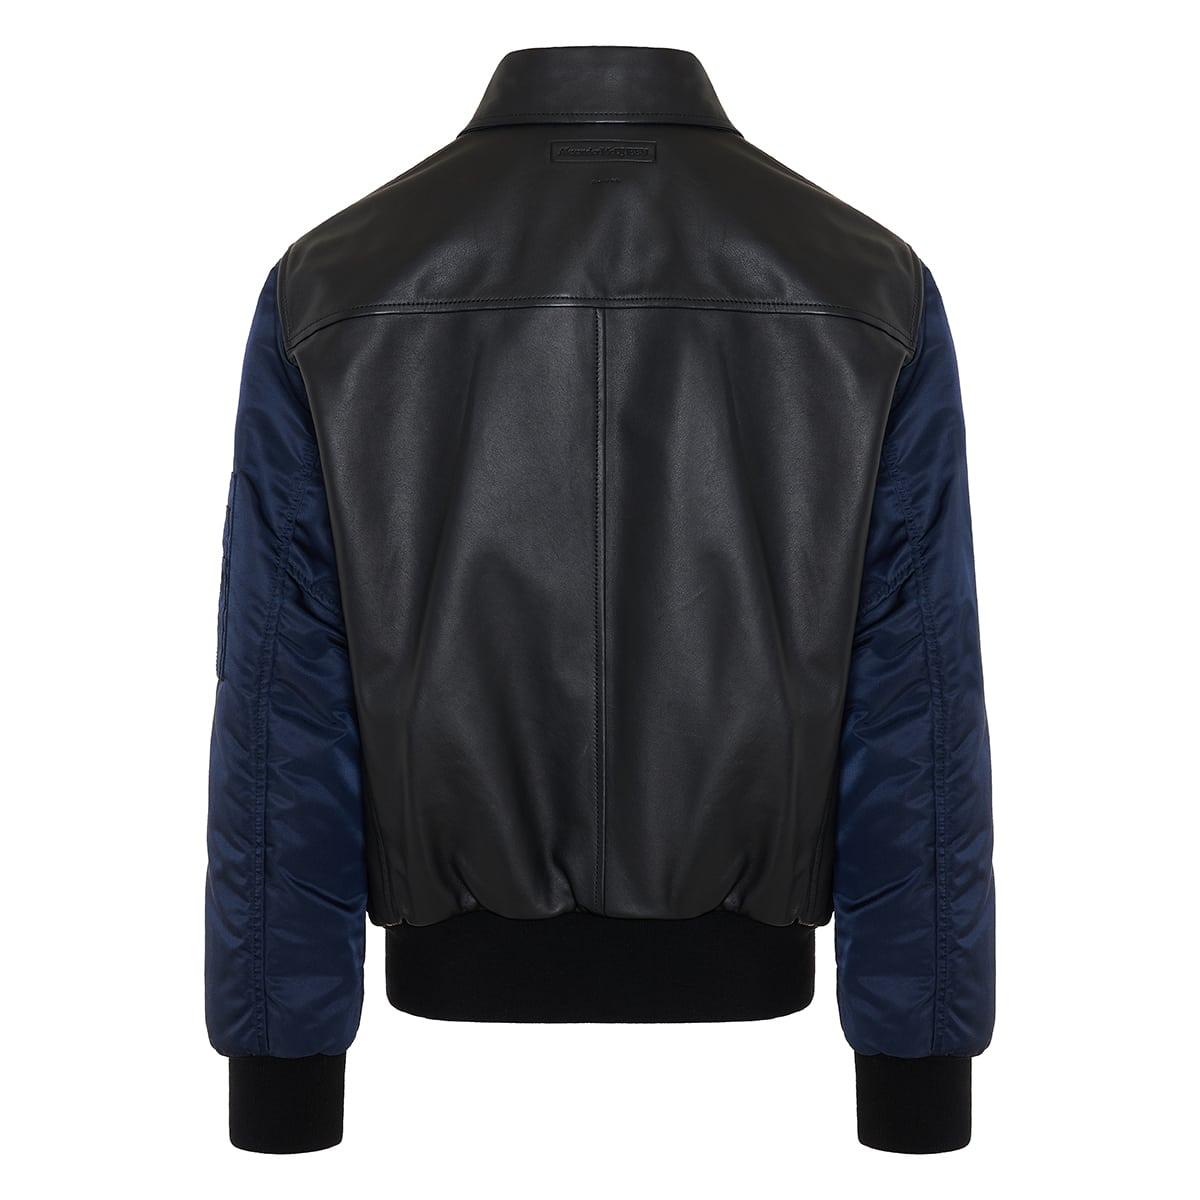 Leather and nylon bomber jacket